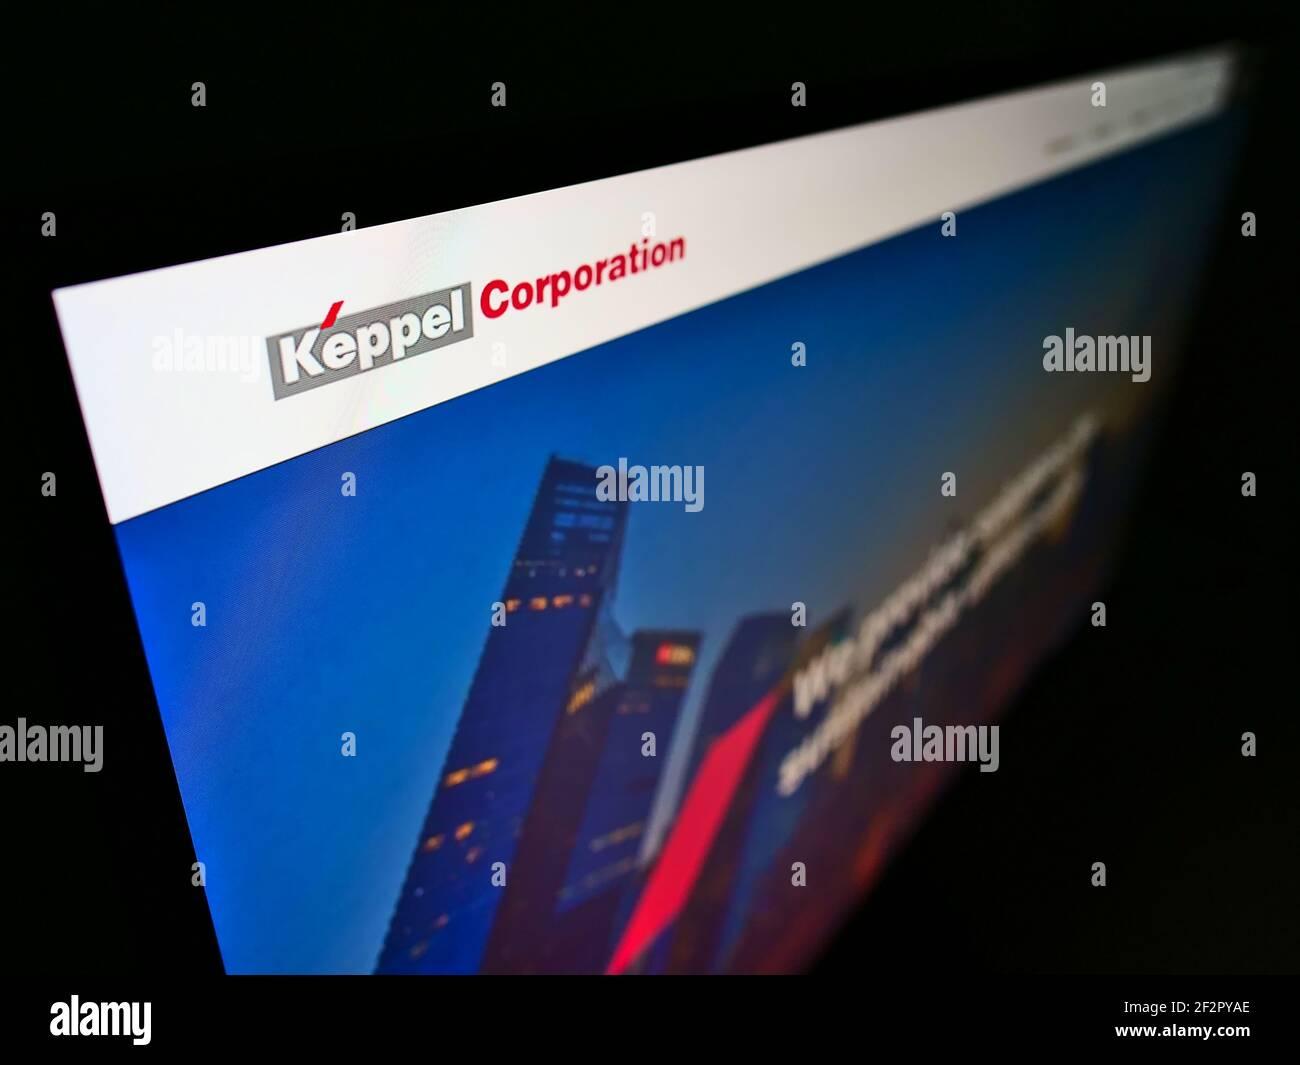 Vue en grand angle du site Web d'affaires avec le logo de la société du conglomérat de Singapour Keppel Corporation sur moniteur. Faites la mise au point en haut à gauche de l'écran. Banque D'Images